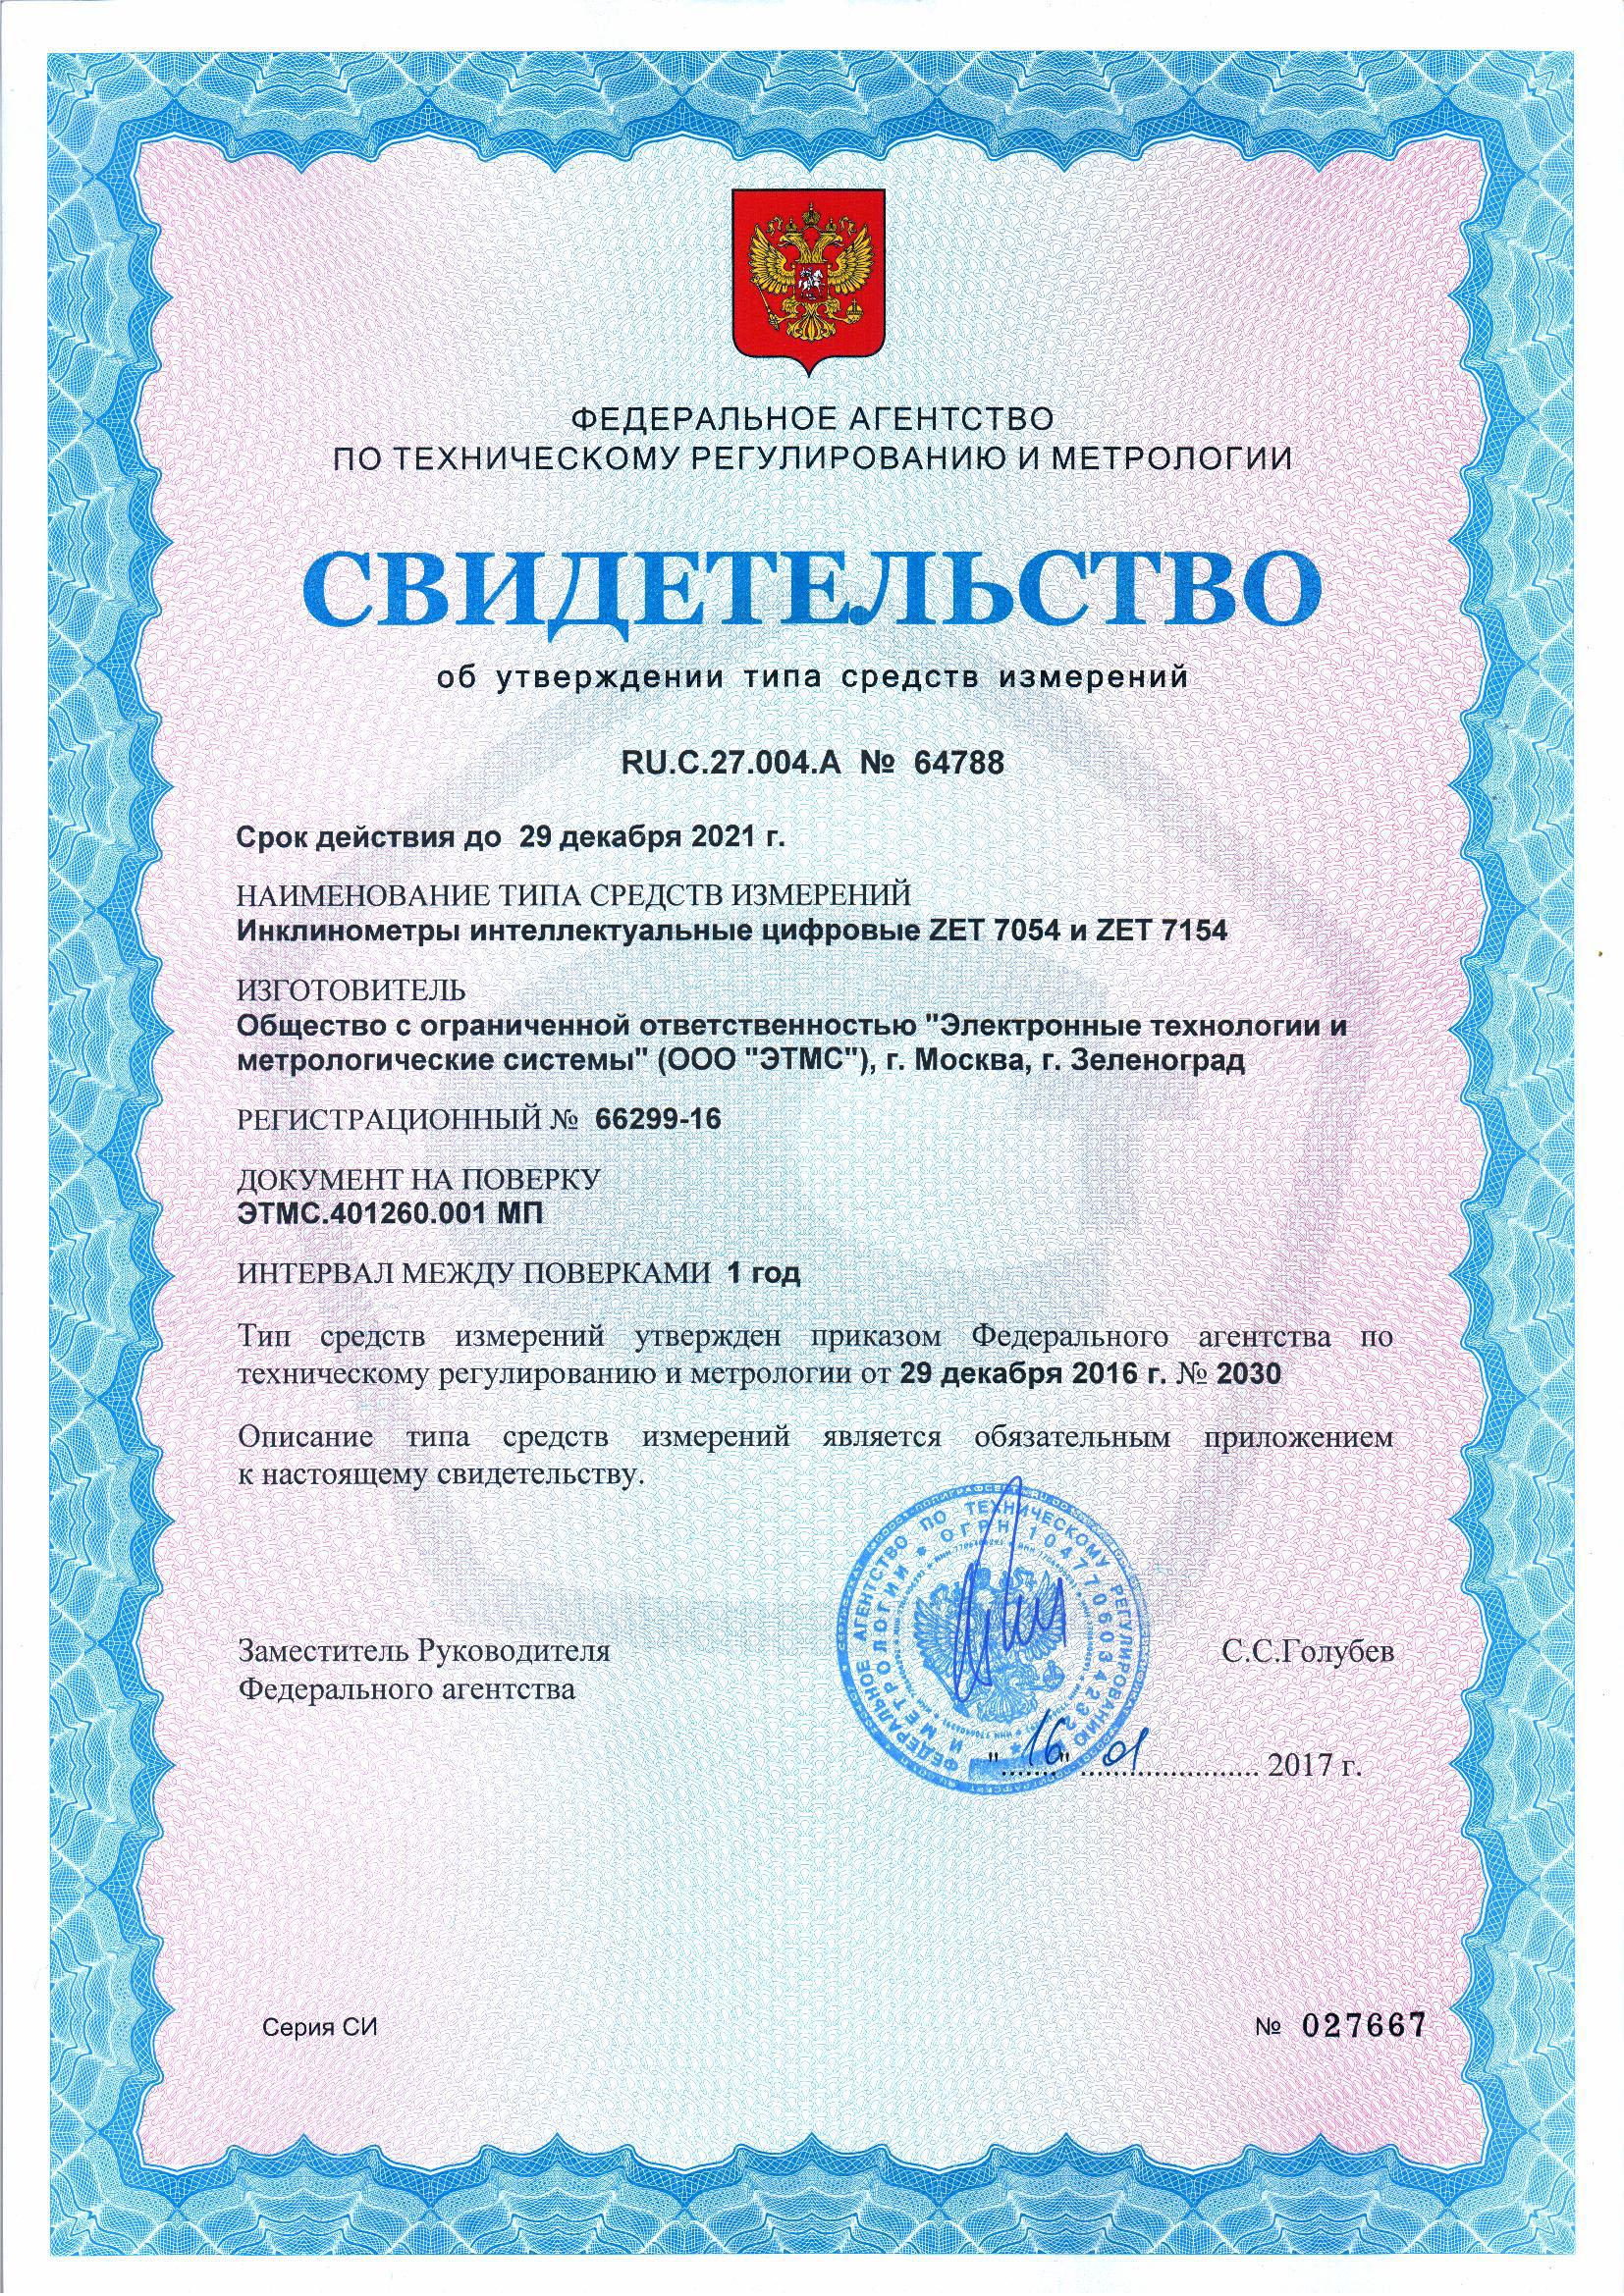 Свидетельство об утверждении типа цифровых интеллектуальных инклинометров ZET 7X54